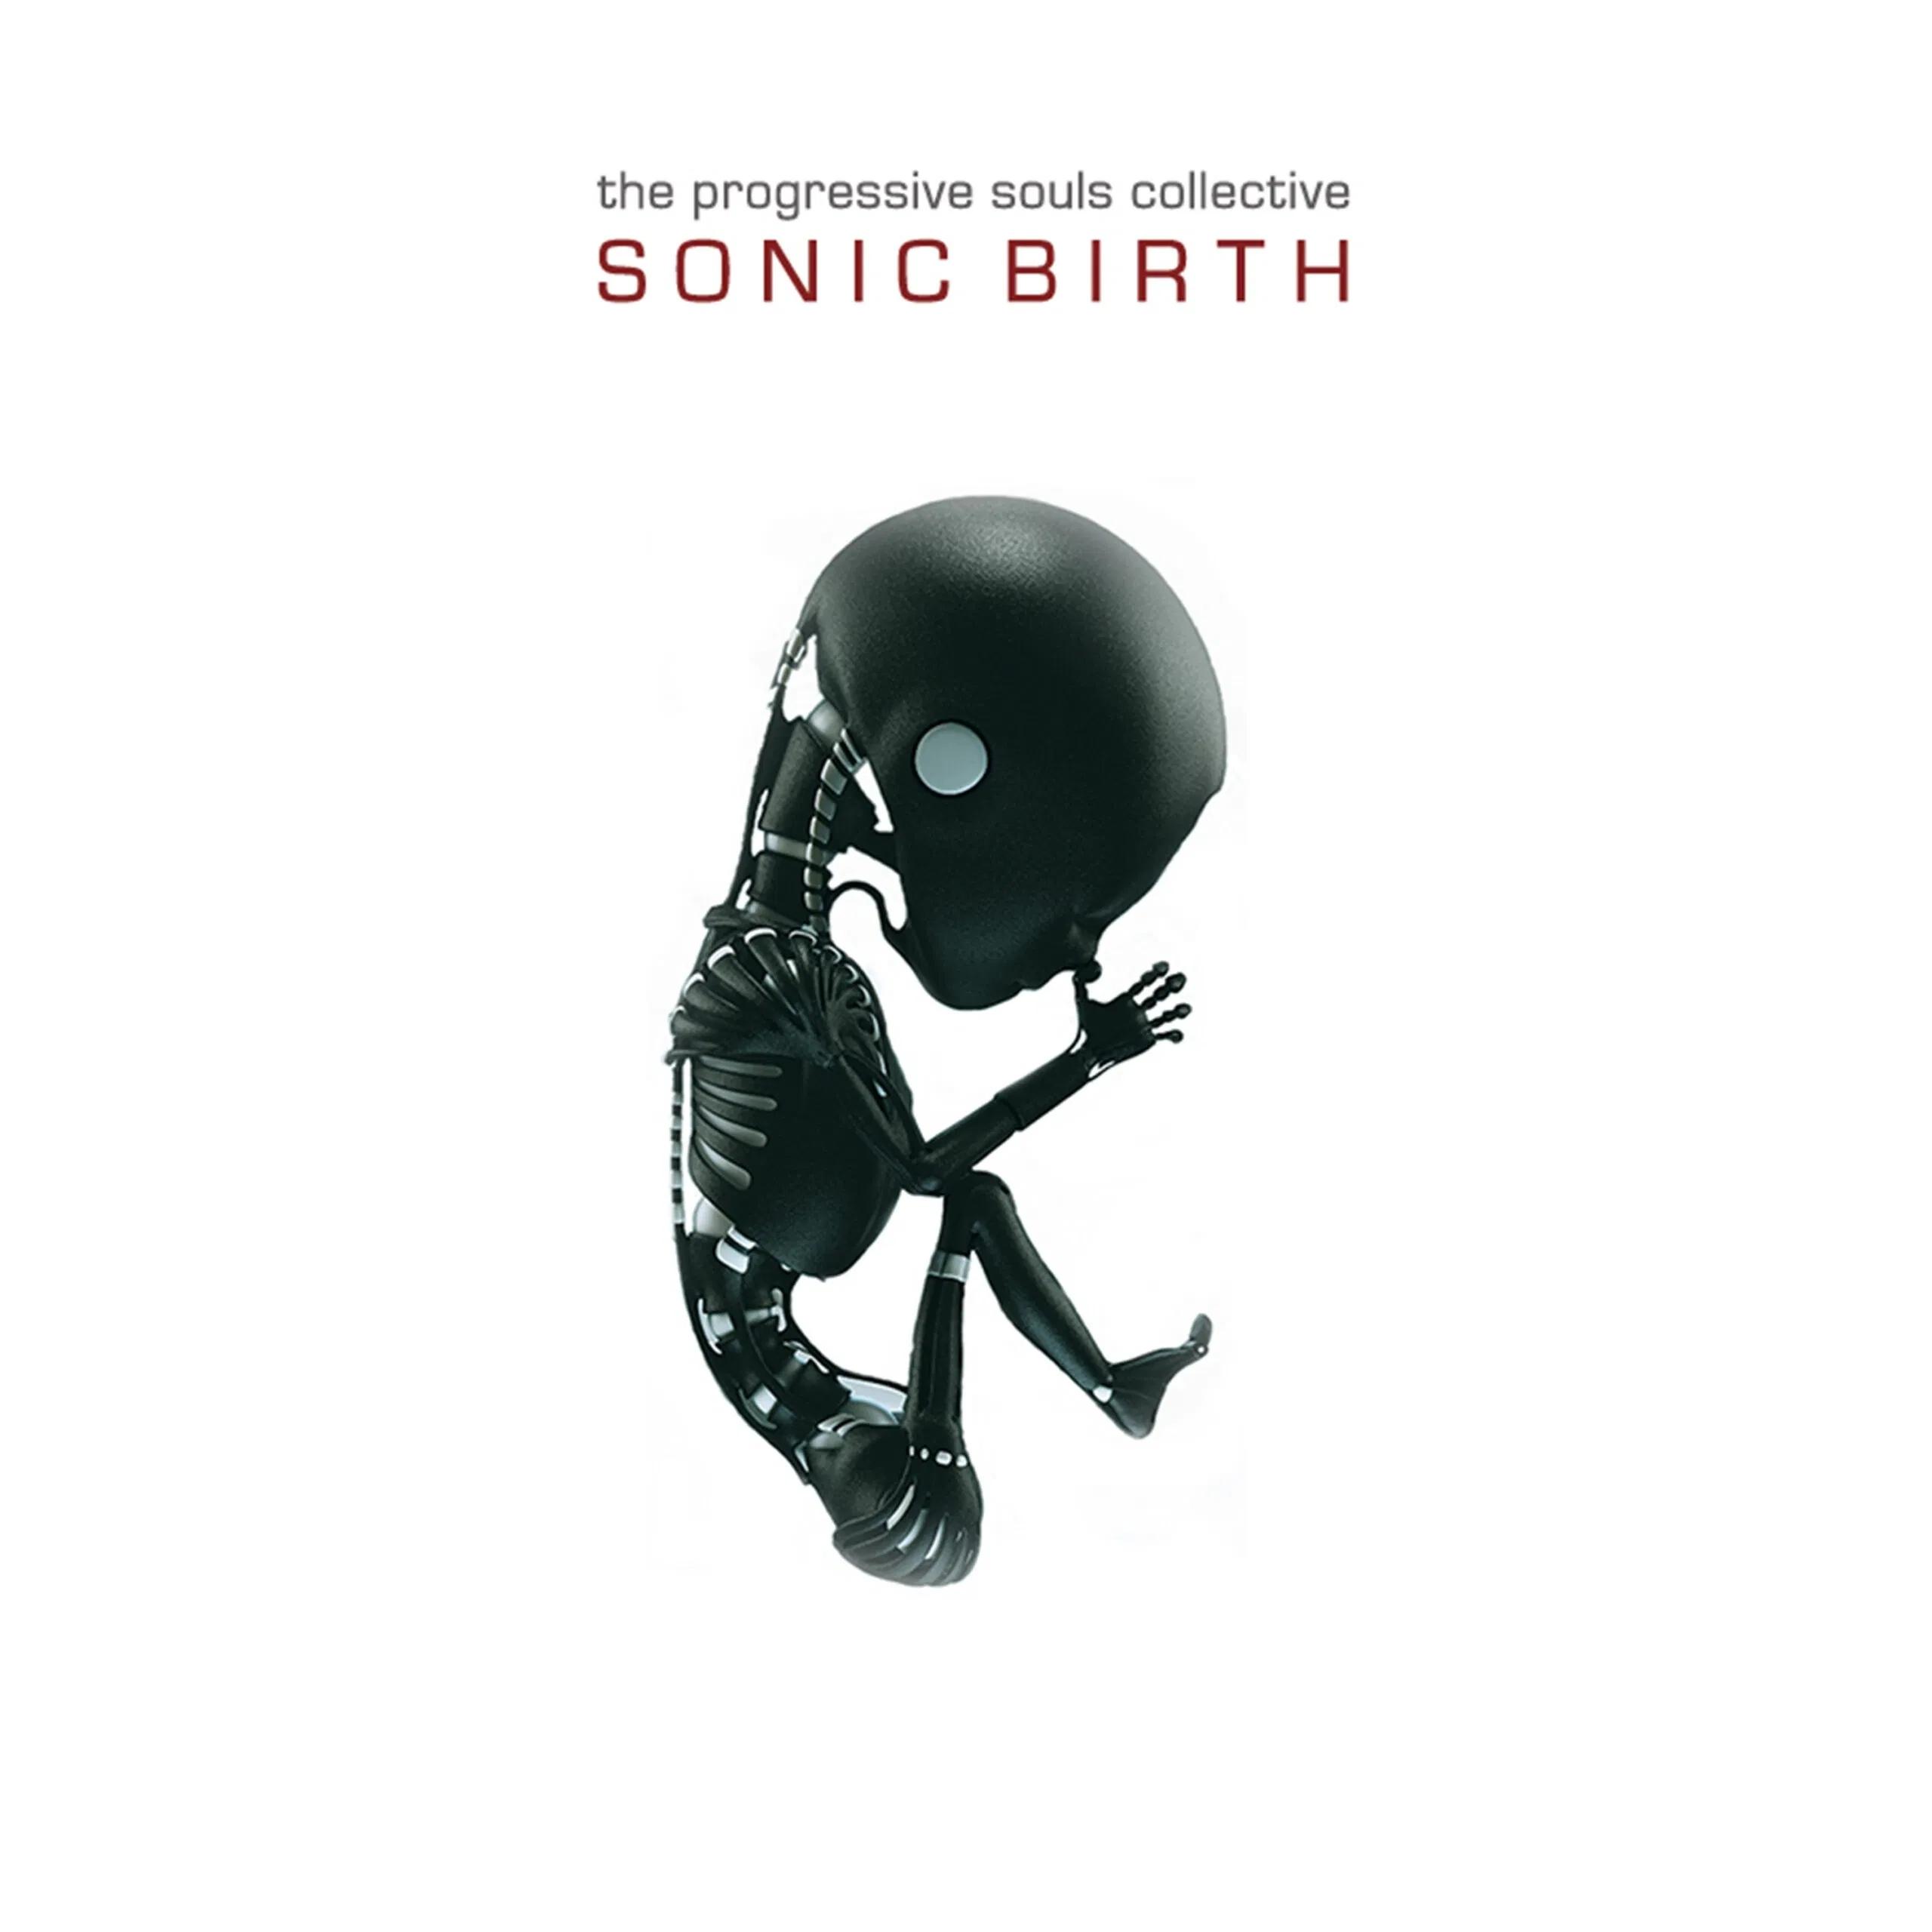 The-Progressive-Souls-Collective-Sonic-Birth